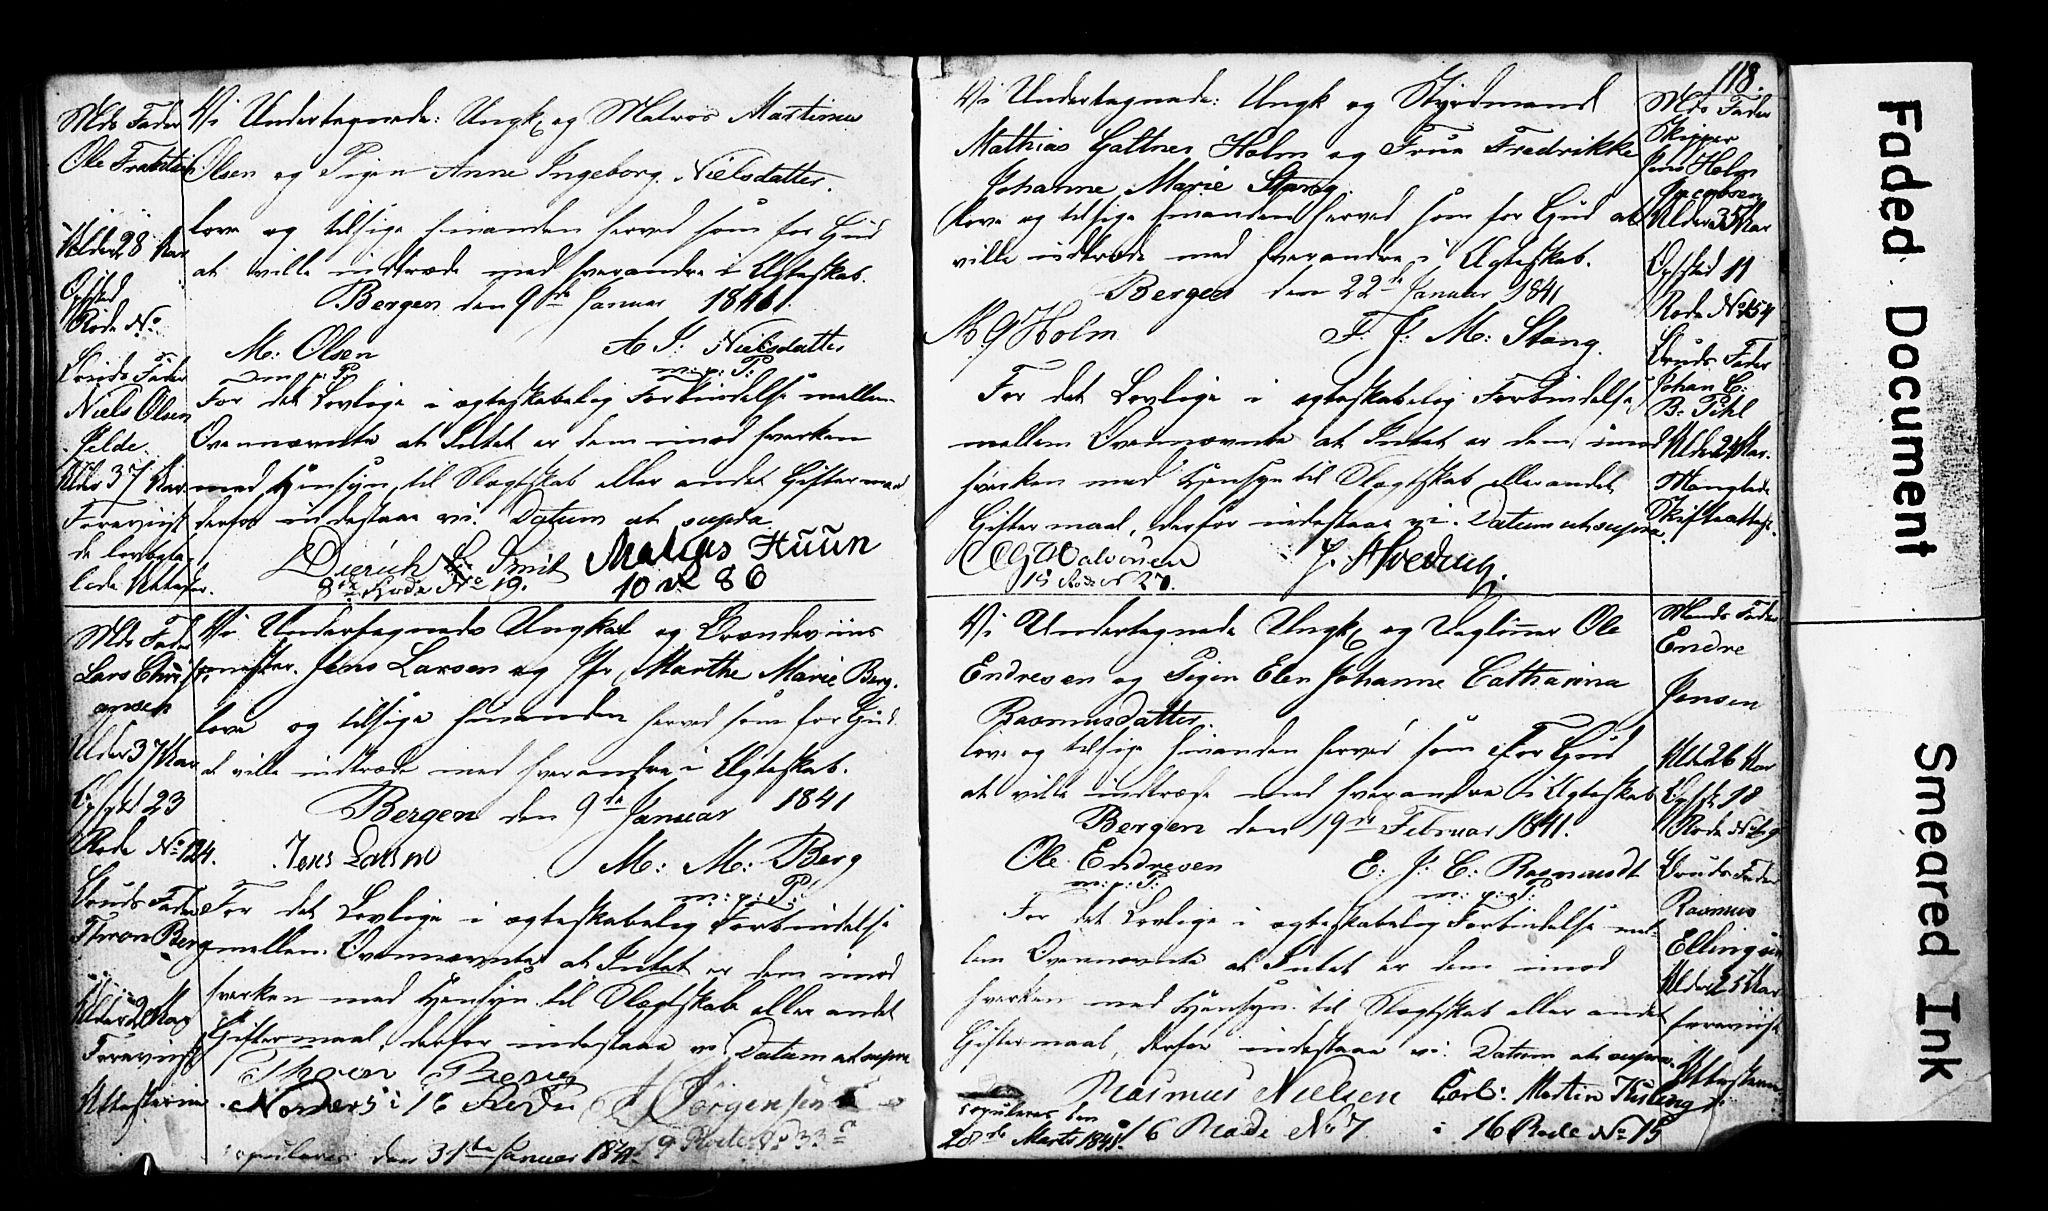 SAB, Domkirken Sokneprestembete, Forlovererklæringer nr. II.5.3, 1832-1845, s. 118